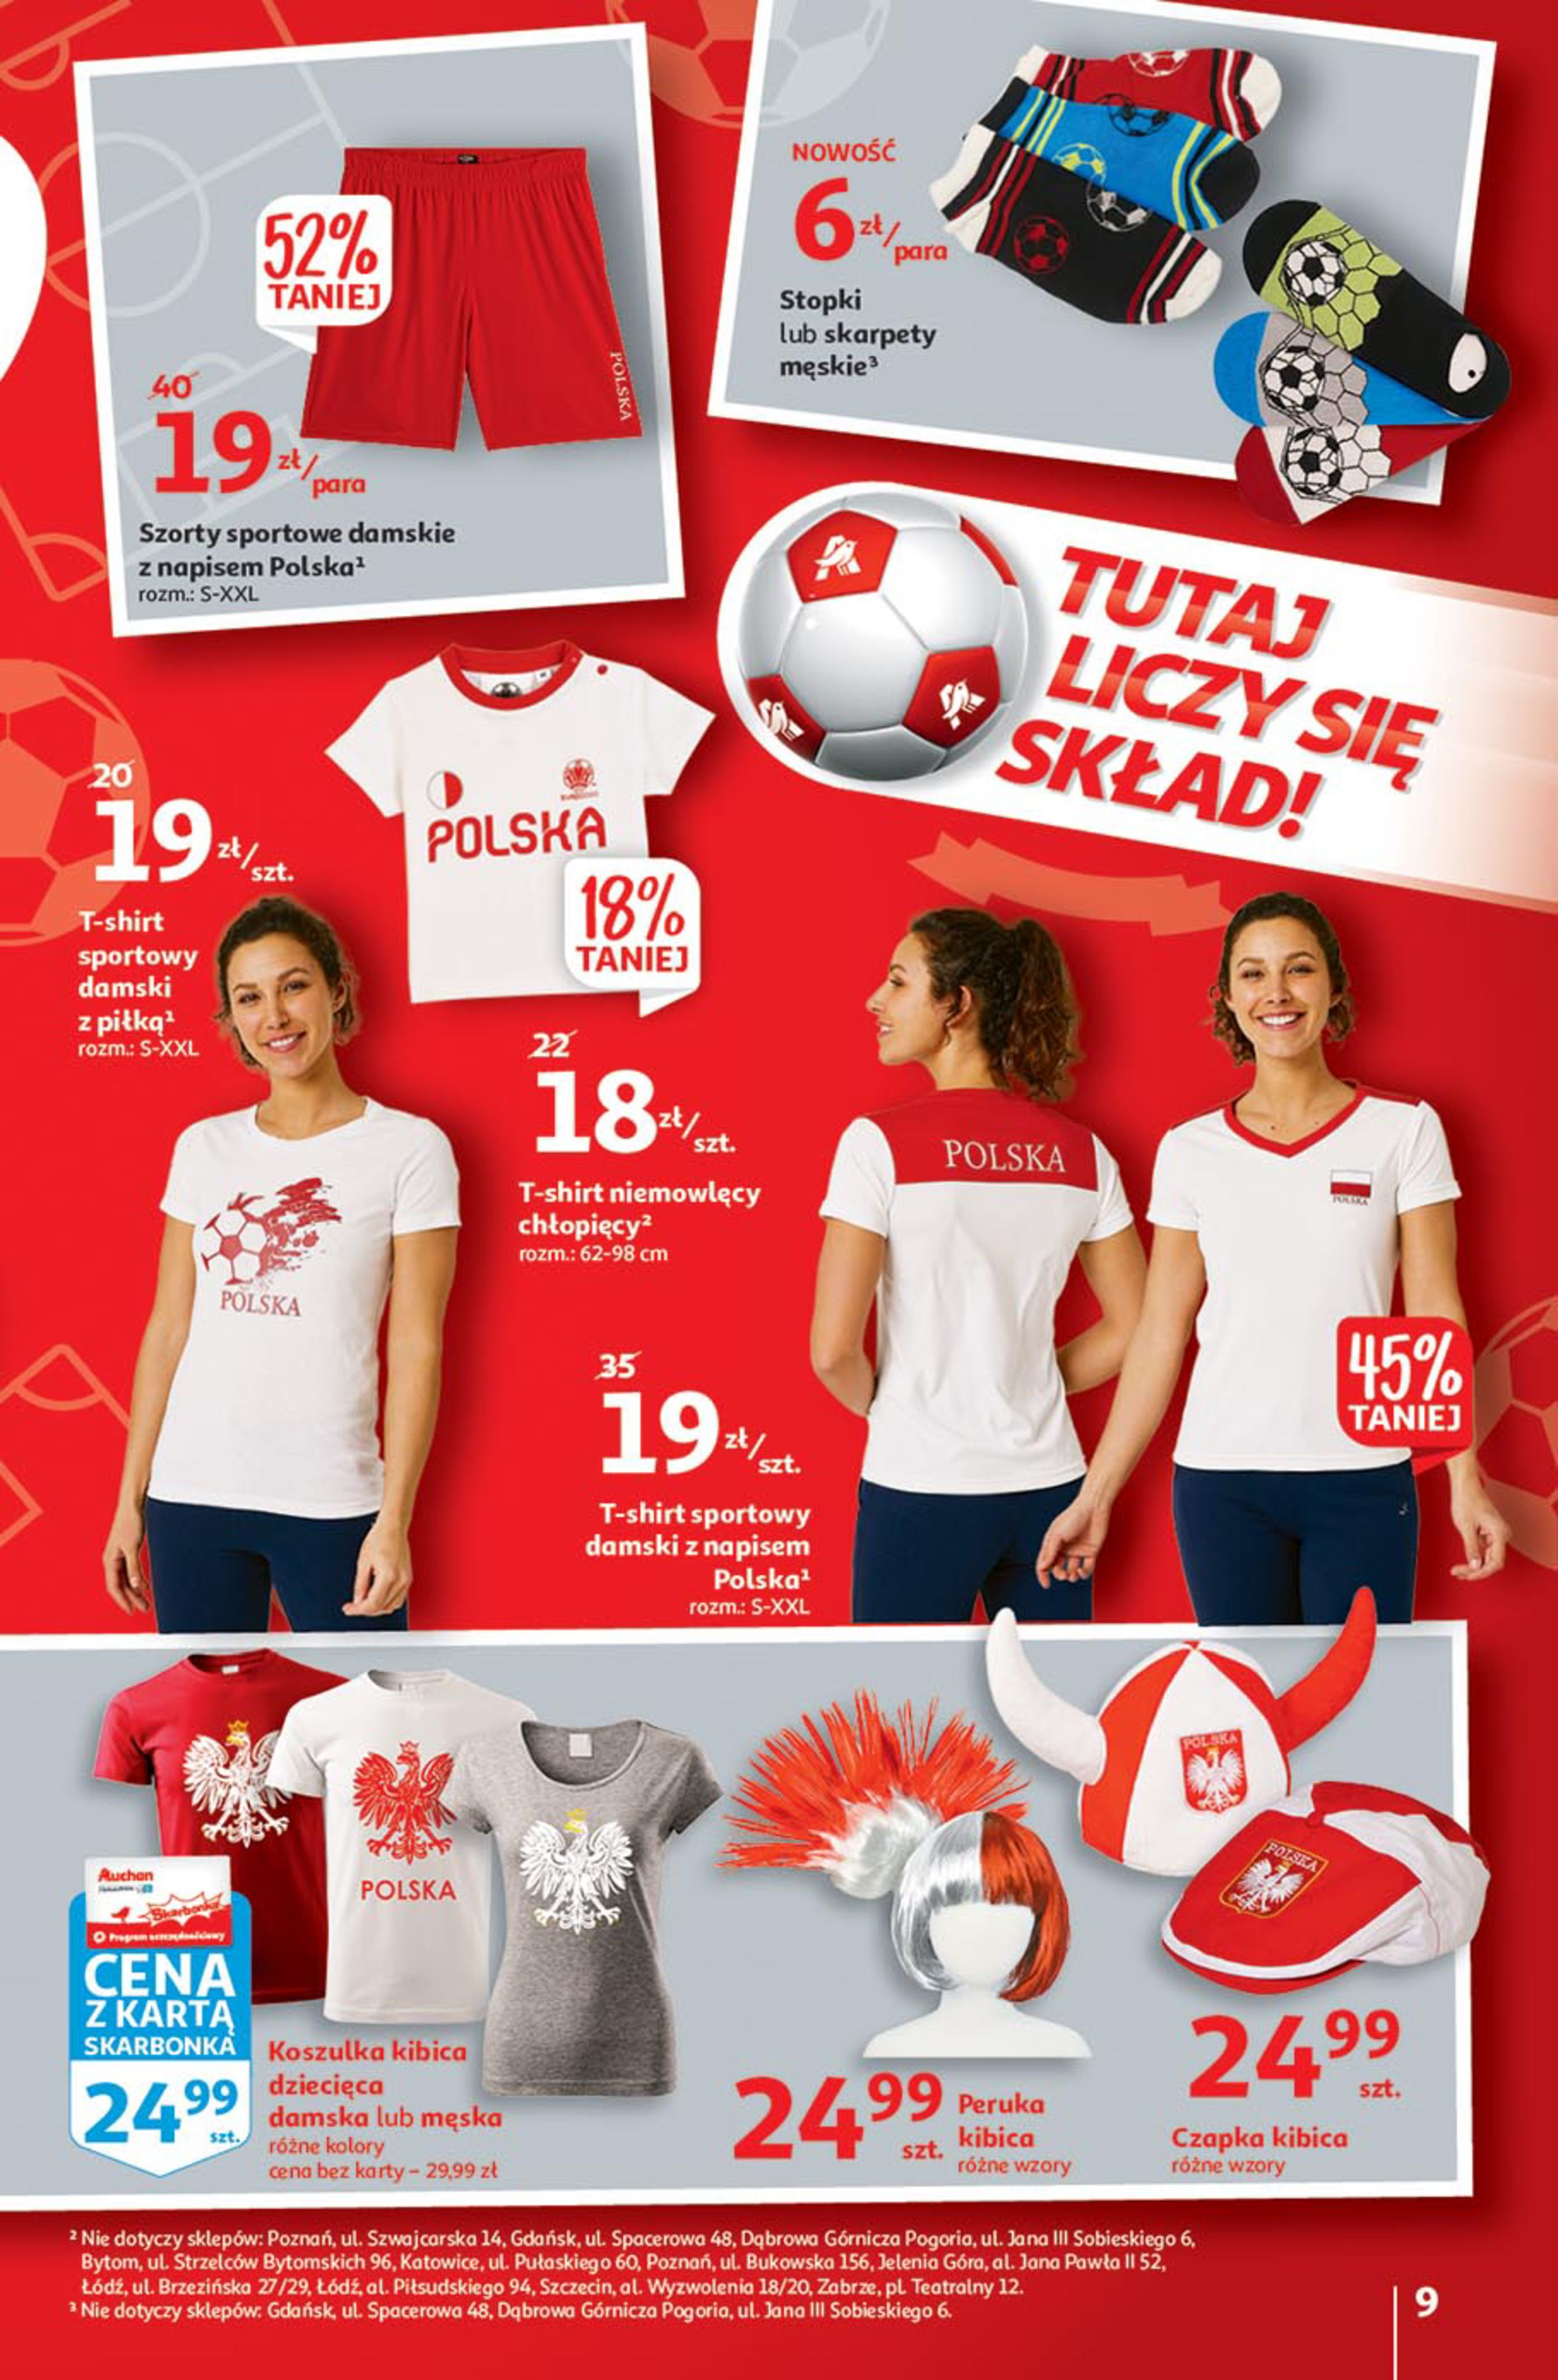 Gazetka Auchan: Gazetka Auchan - Euro 2020 2021-06-10 page-9